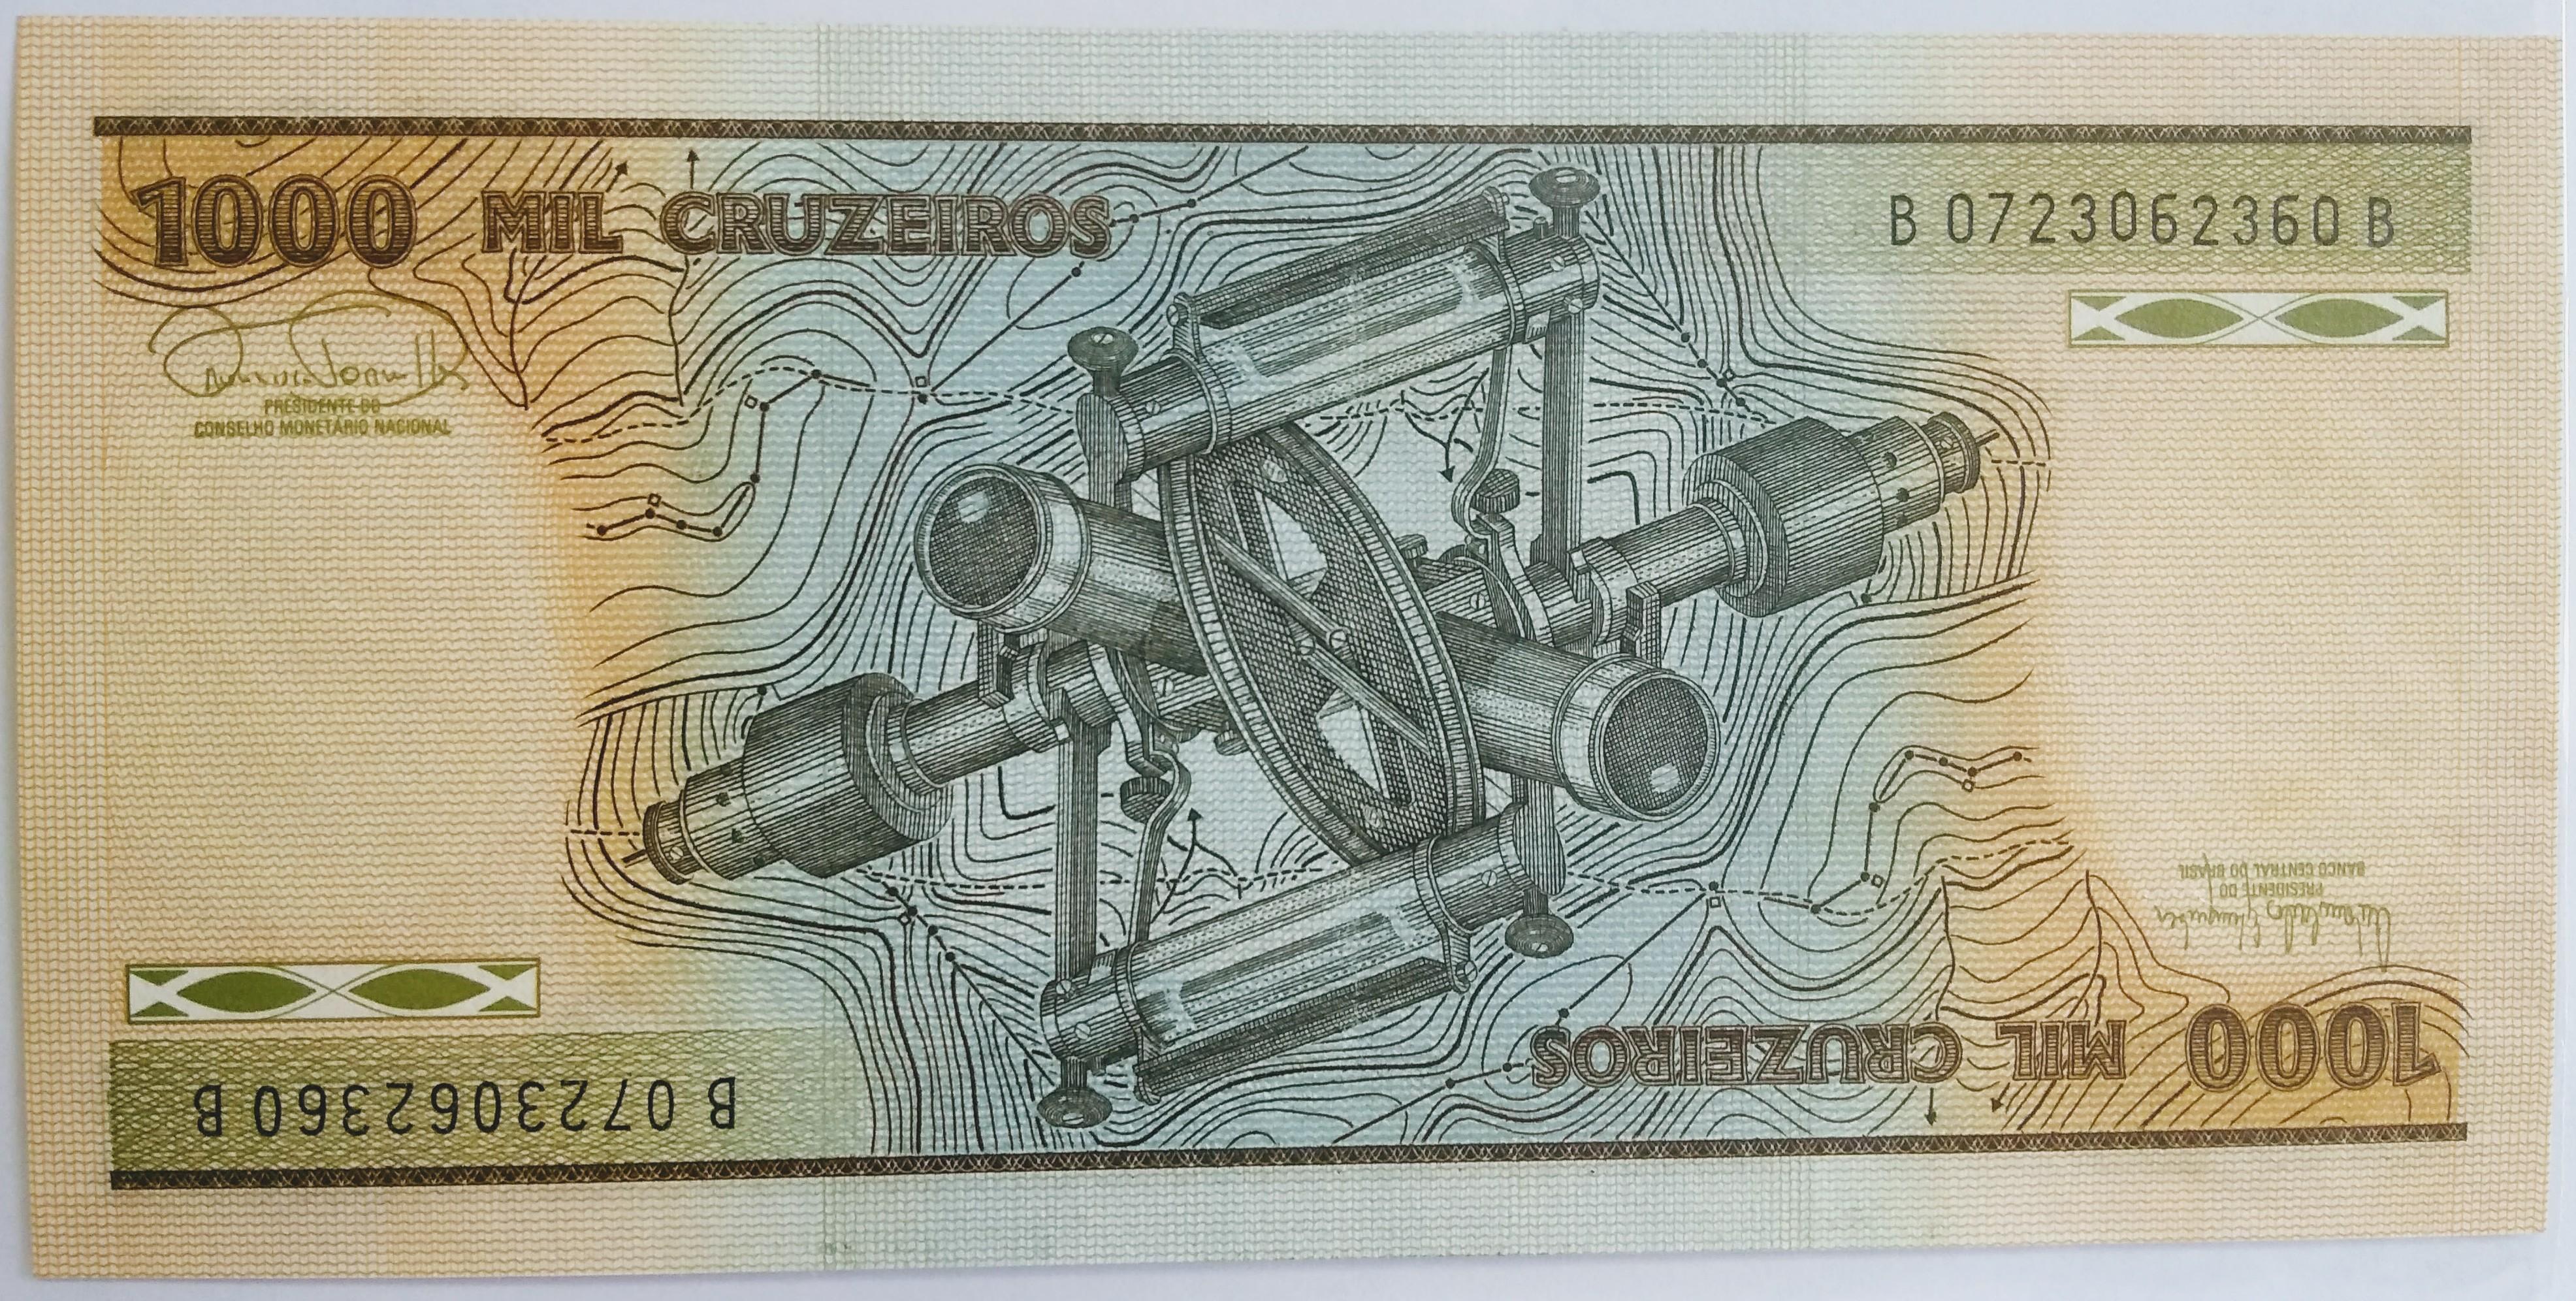 1.000 MIL CRUZEIROS